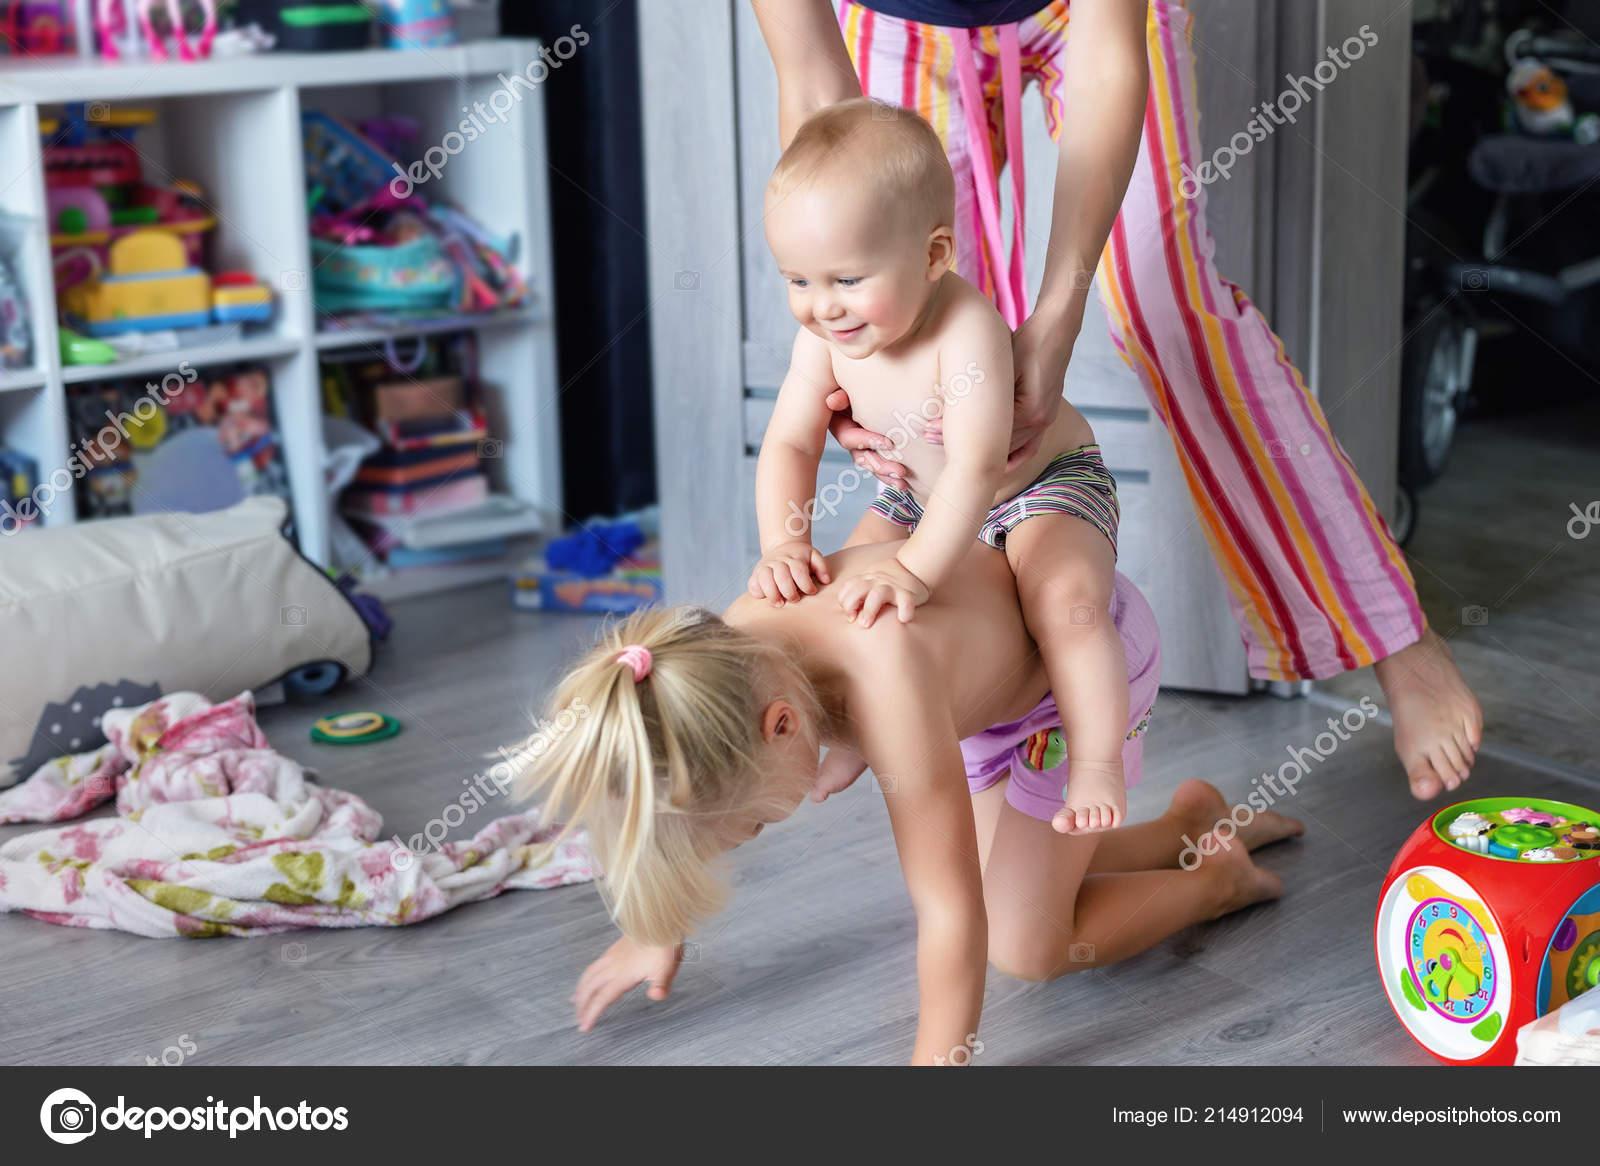 Сестра играла а он вставил ей, Сестра приклеилась к столу, а брат воспользовался этим 21 фотография